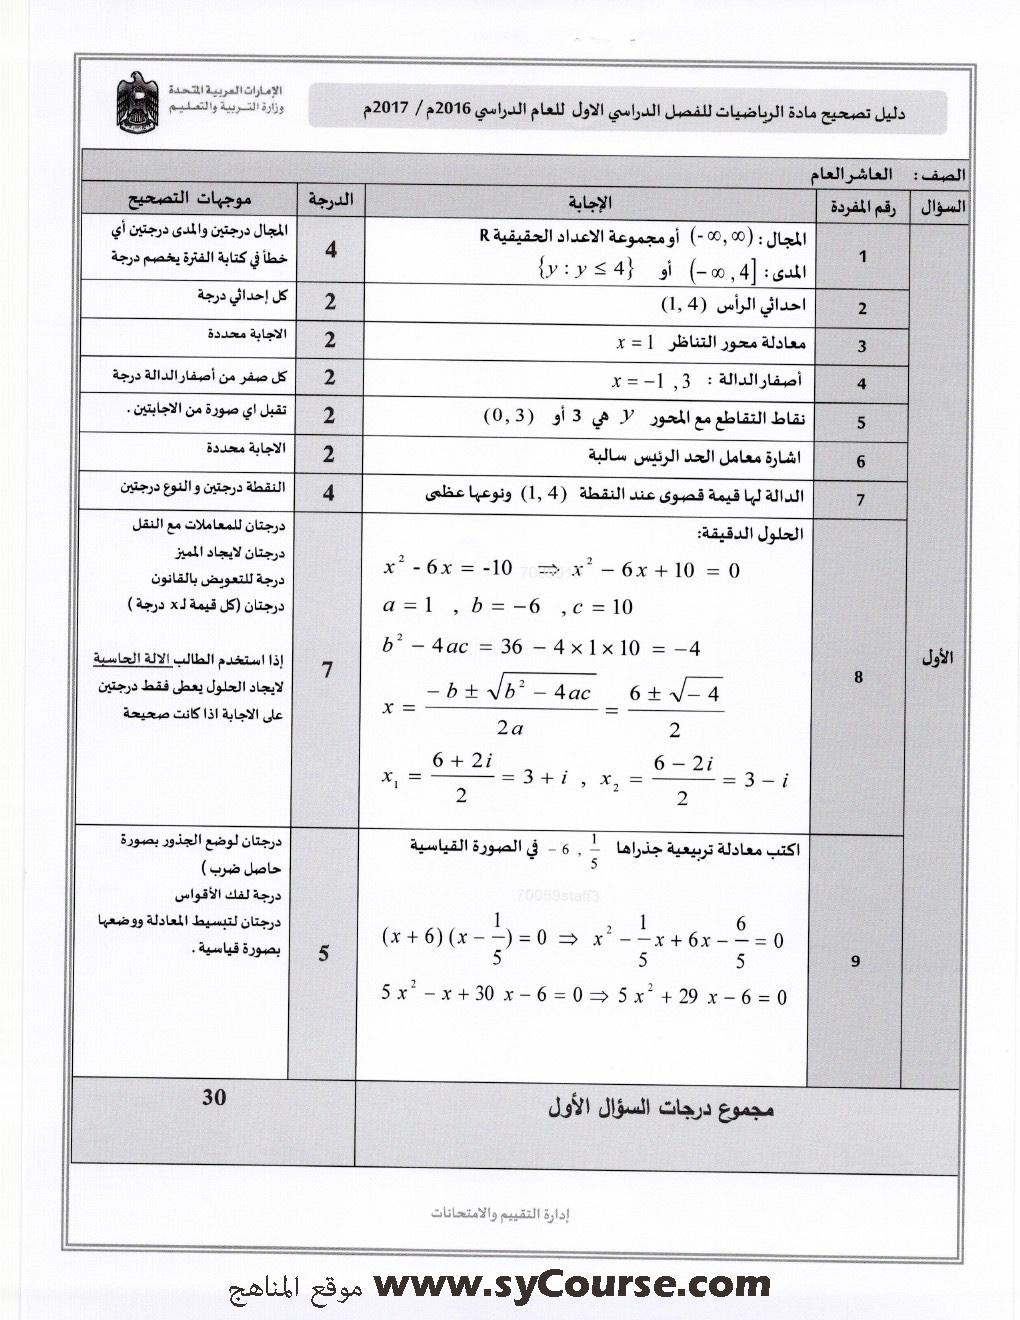 حل كتاب الرياضيات للصف التاسع المنهج اليمني